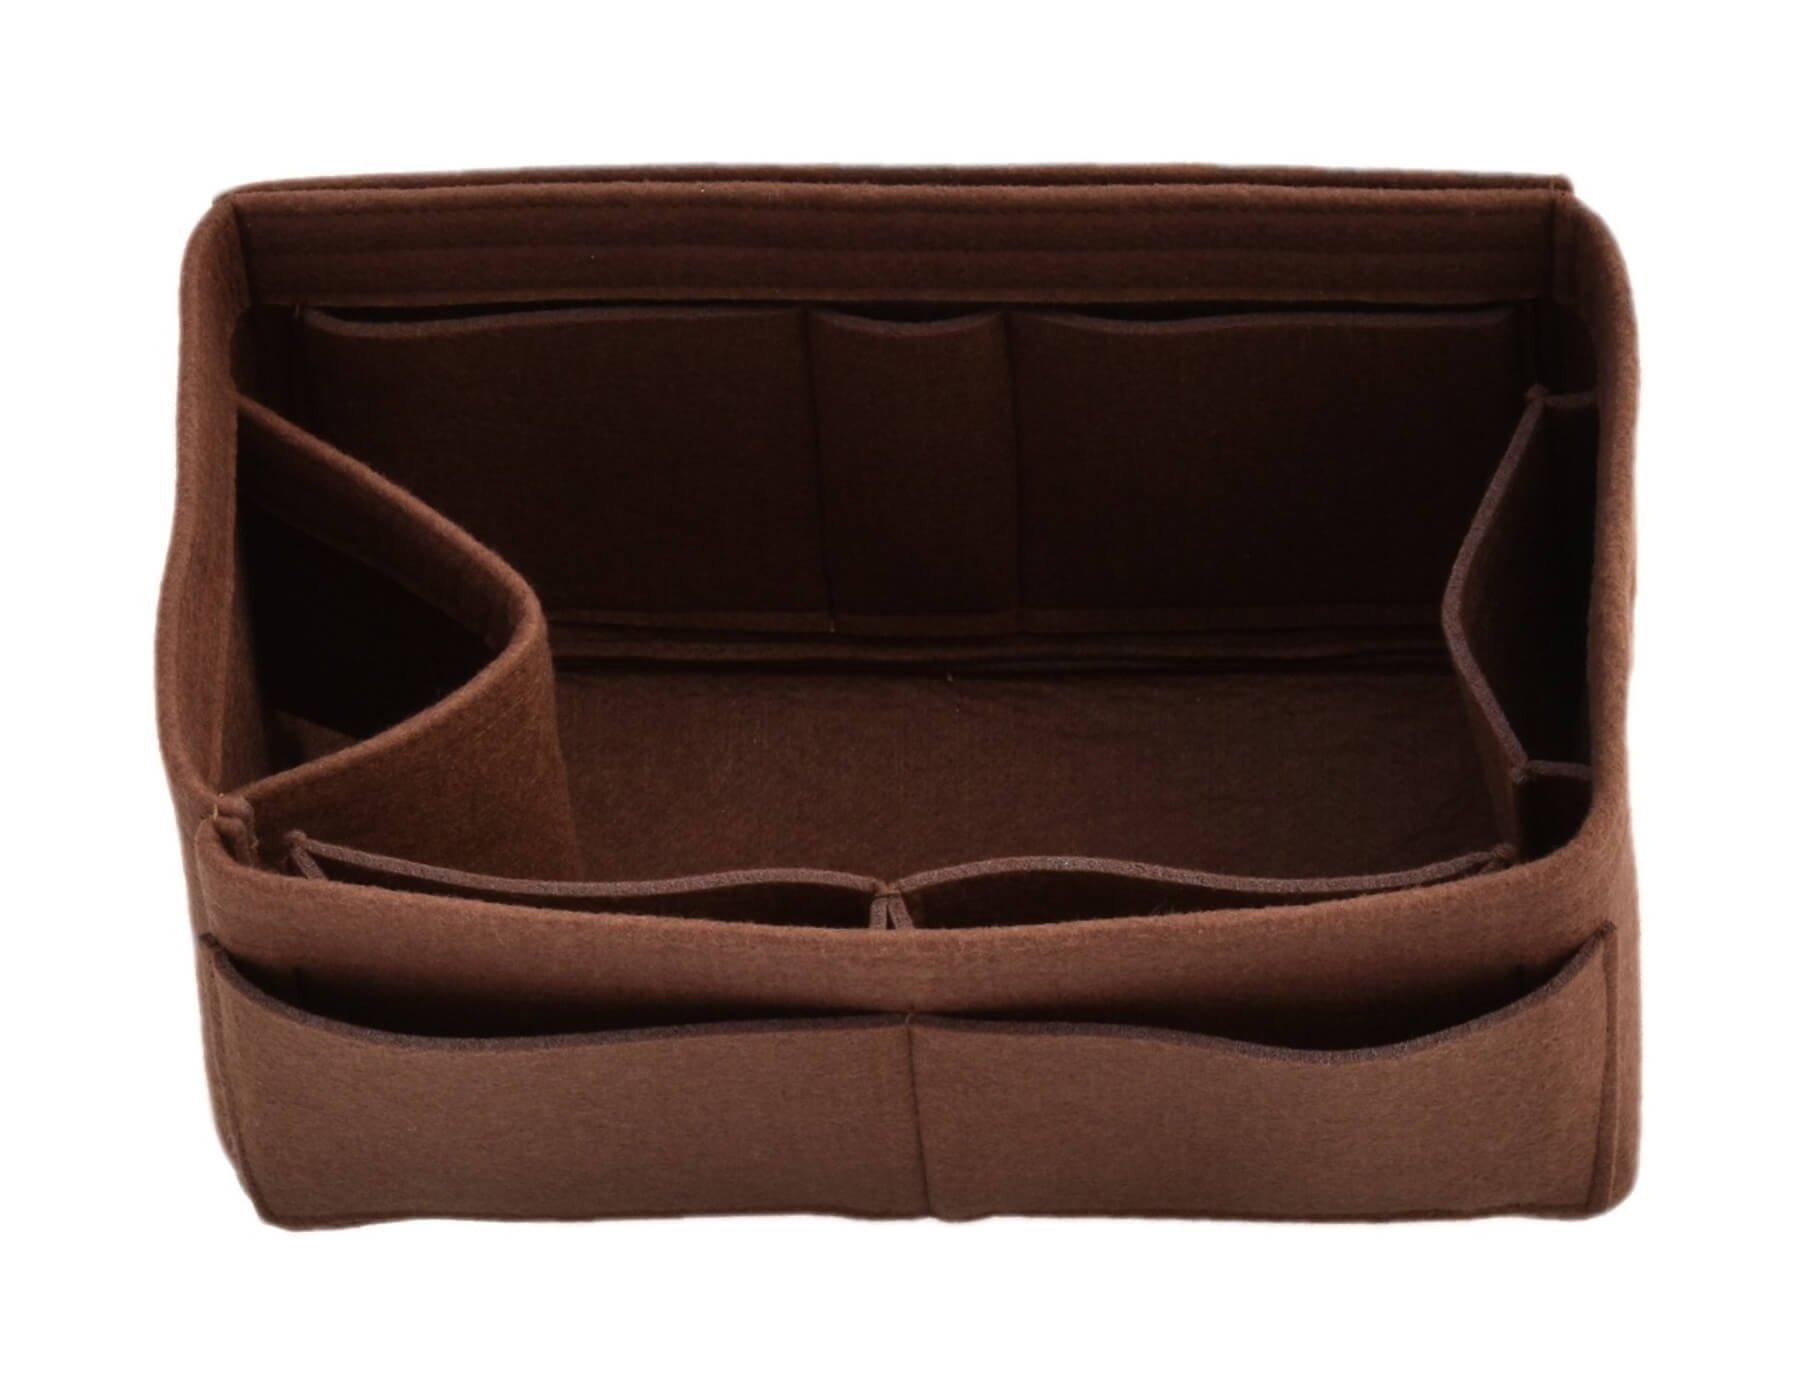 Felt Purse Handbag Tote Organizer Insert - Multi Pocket Storage Liner & Shaper (Medium, Brown)